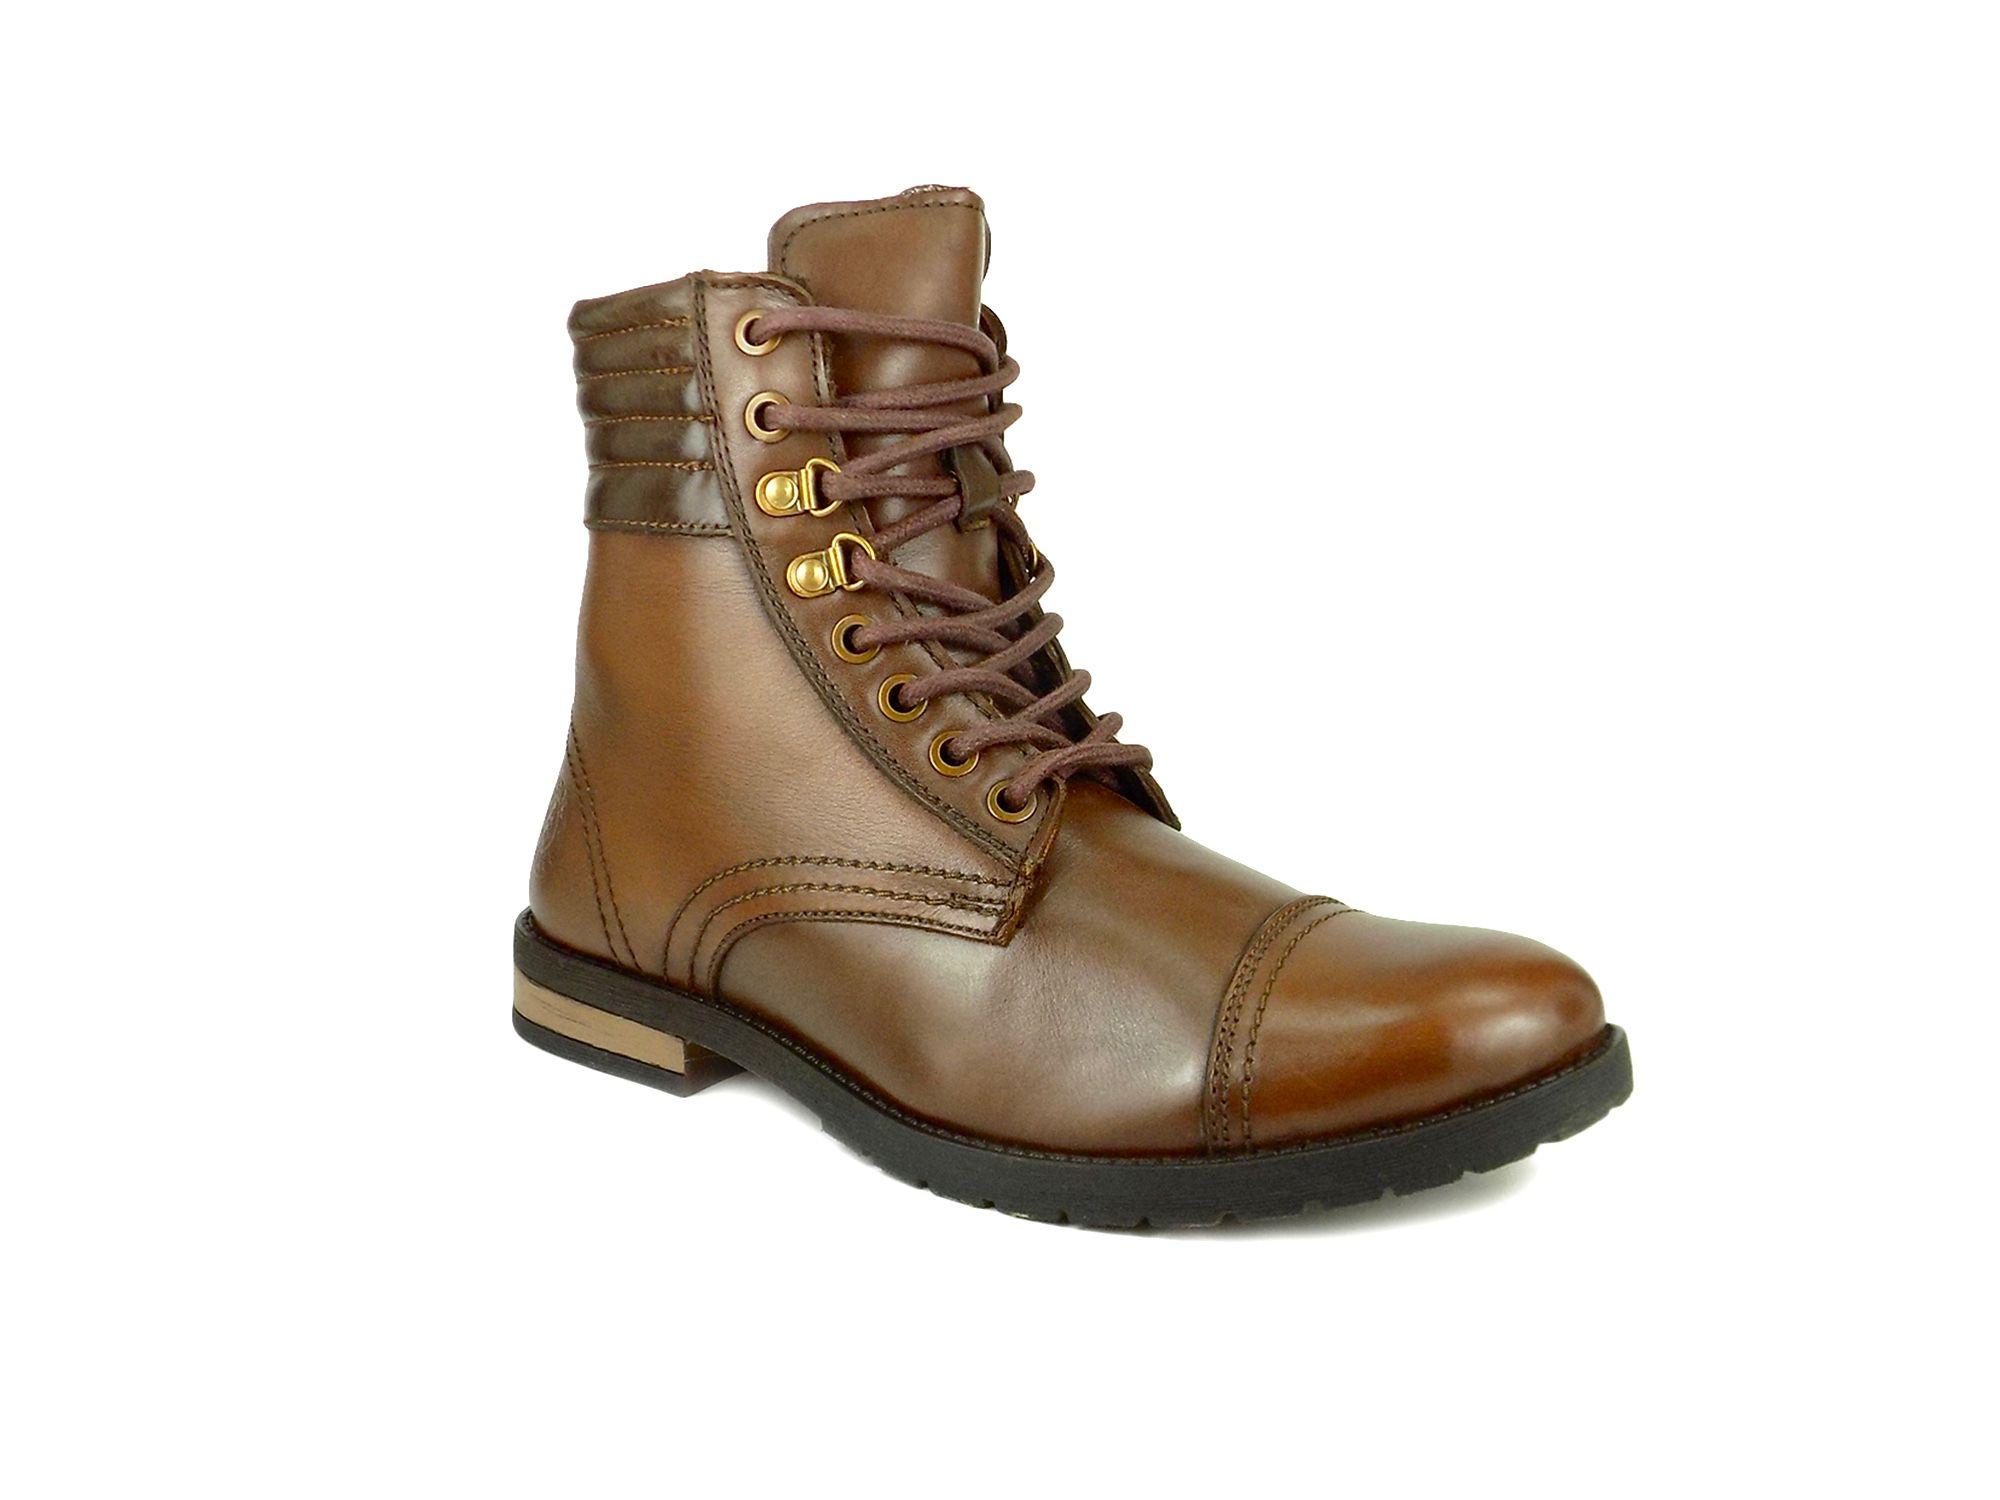 Ripley Bronze Hiking & Trekking Boot